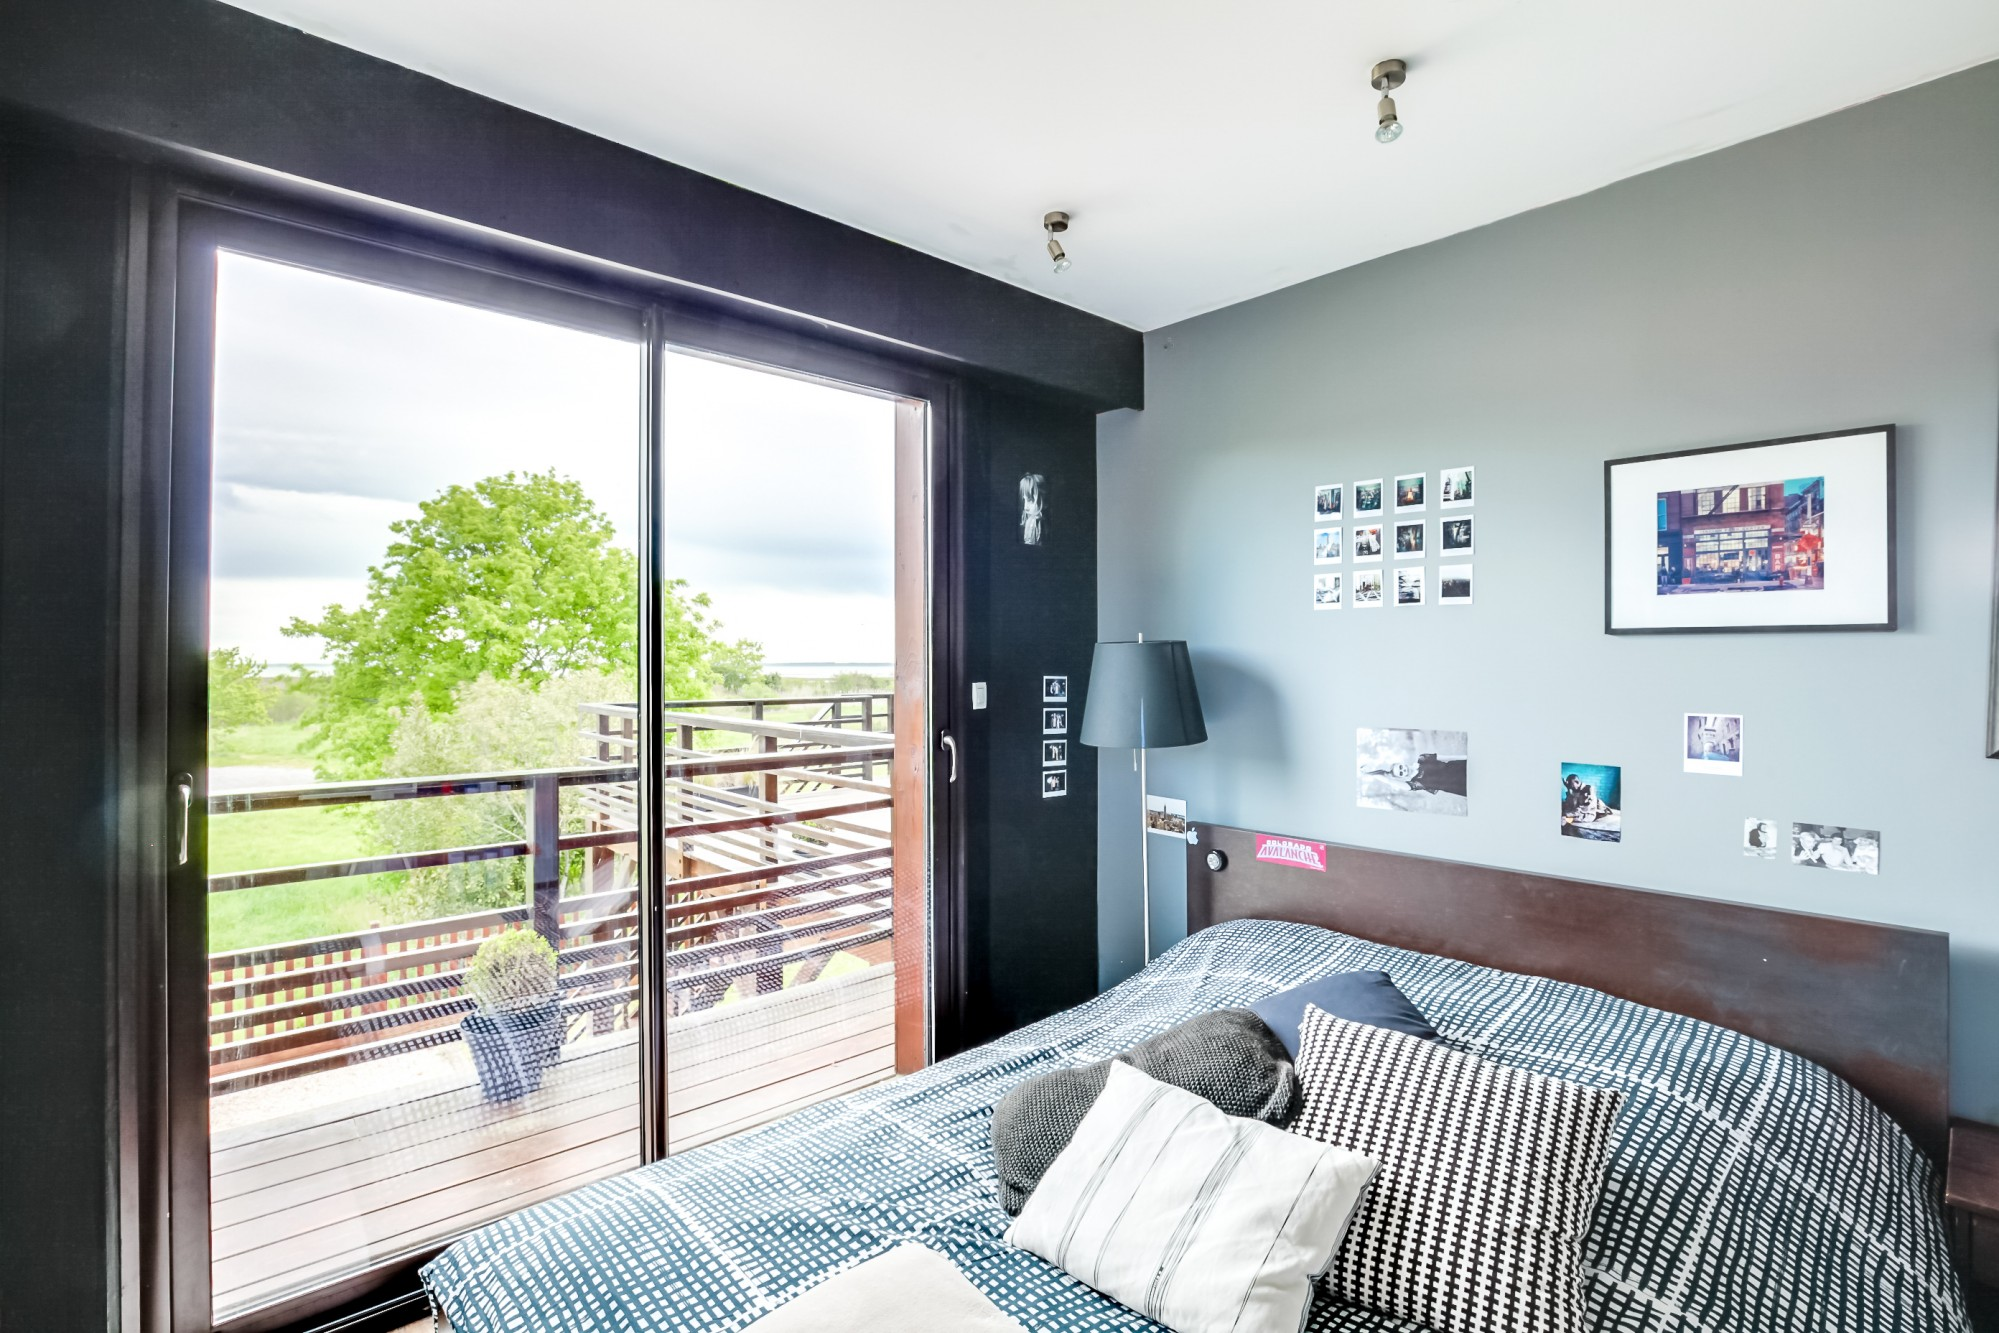 belle villa d 39 architecte en bois proche plage vendre bassin d 39 arcachon coldwell banker. Black Bedroom Furniture Sets. Home Design Ideas